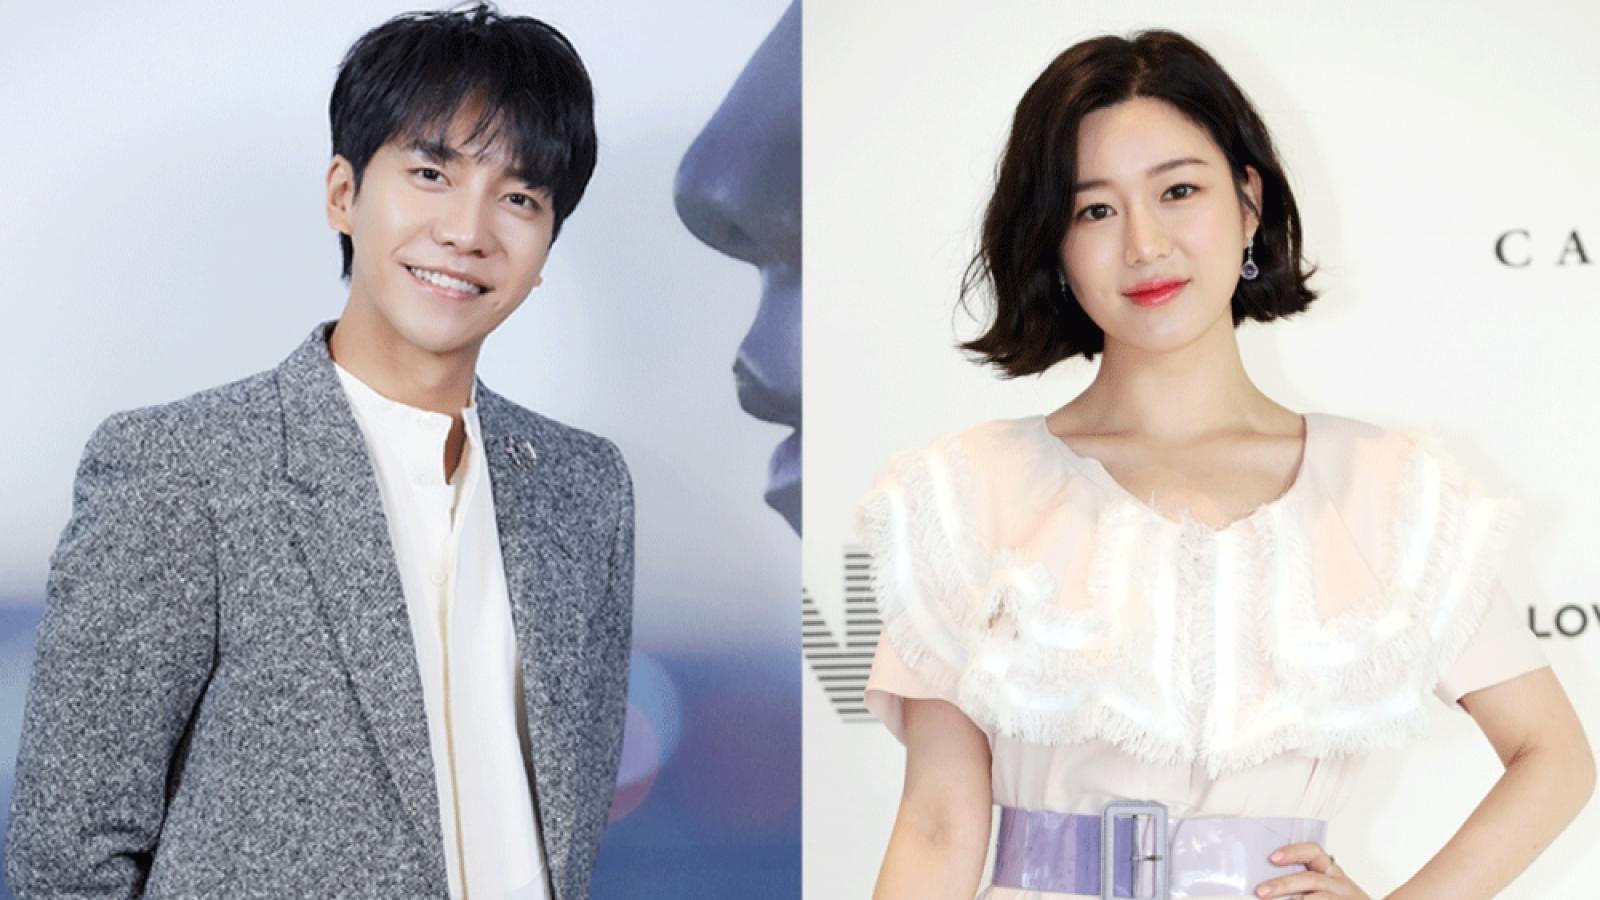 Lee Seung Gi mua nhà triệu đô, chuẩn bị kết hôn với bạn gái Lee Da In?